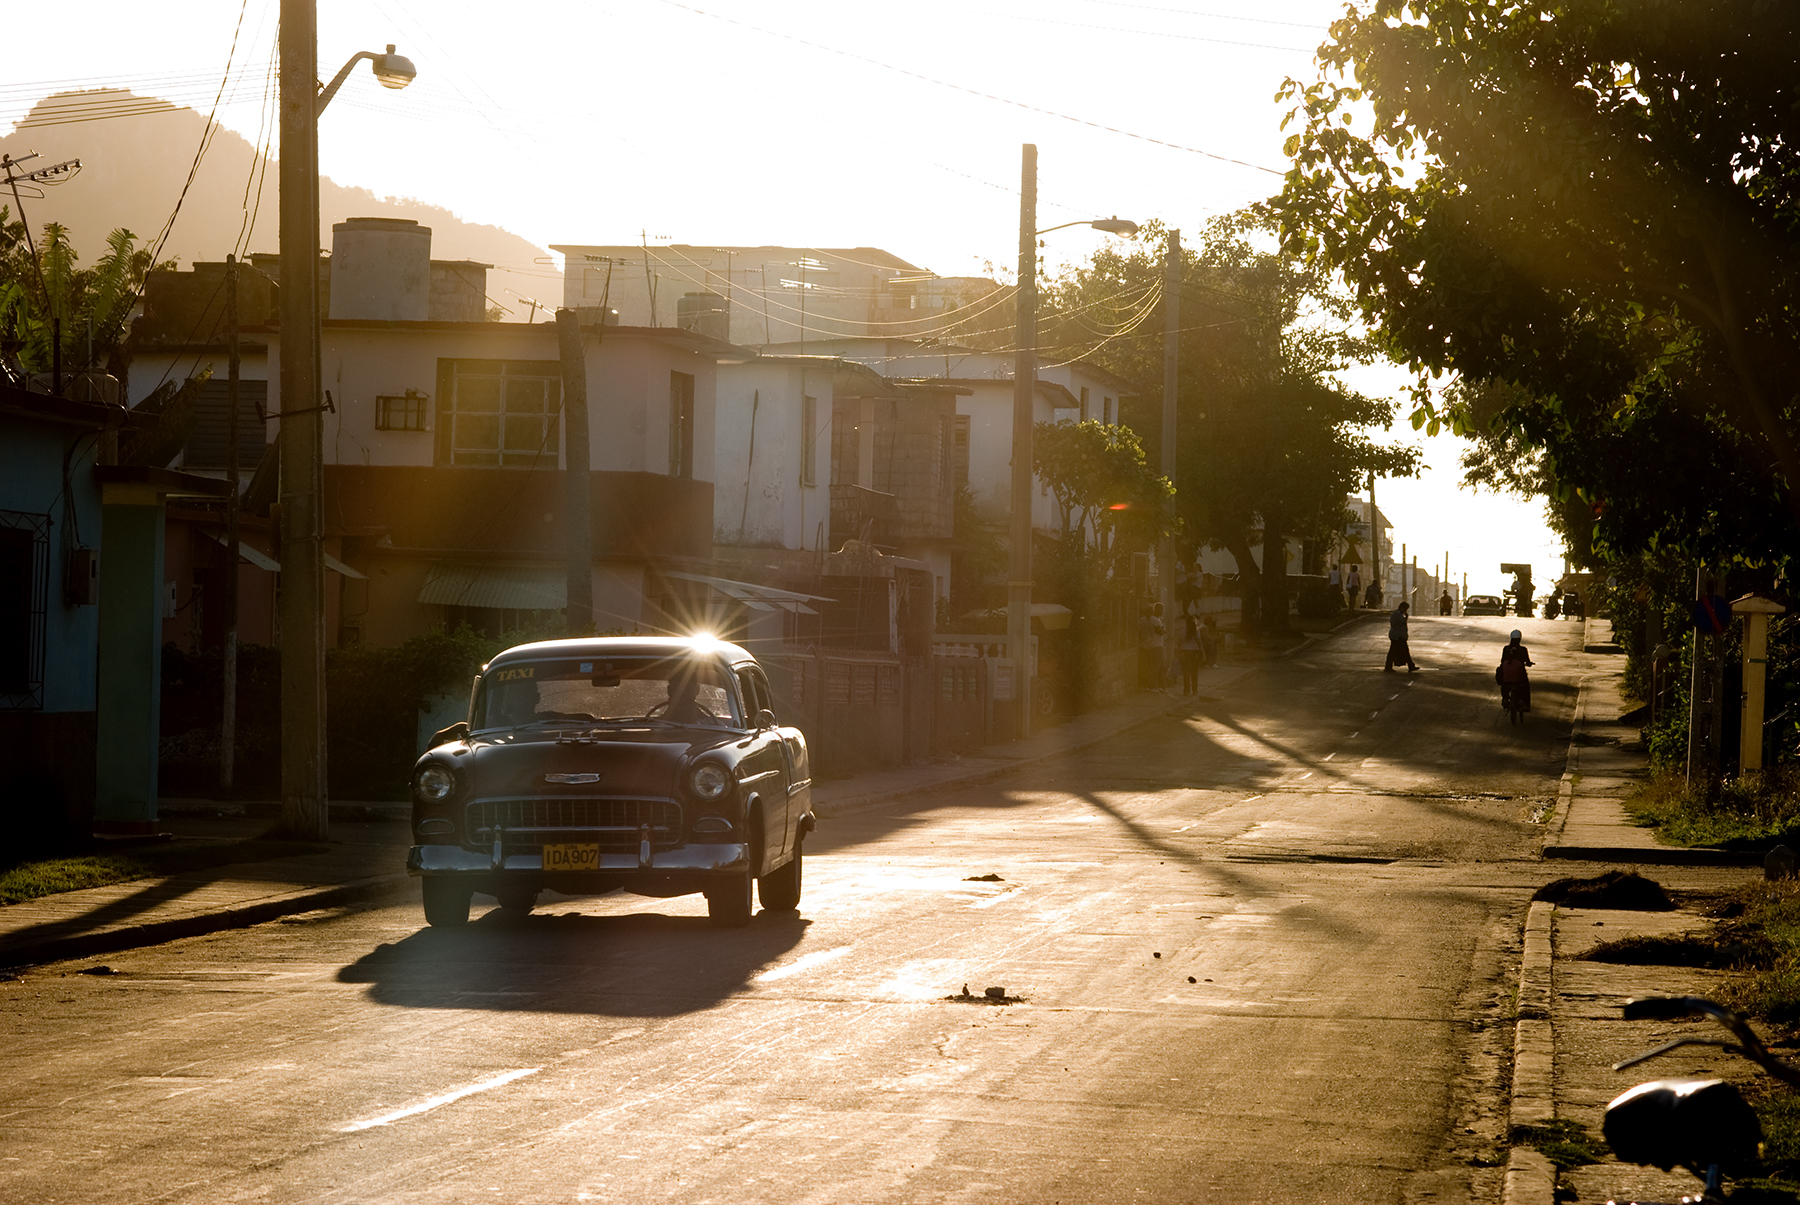 Nueva Gerona, Cuba